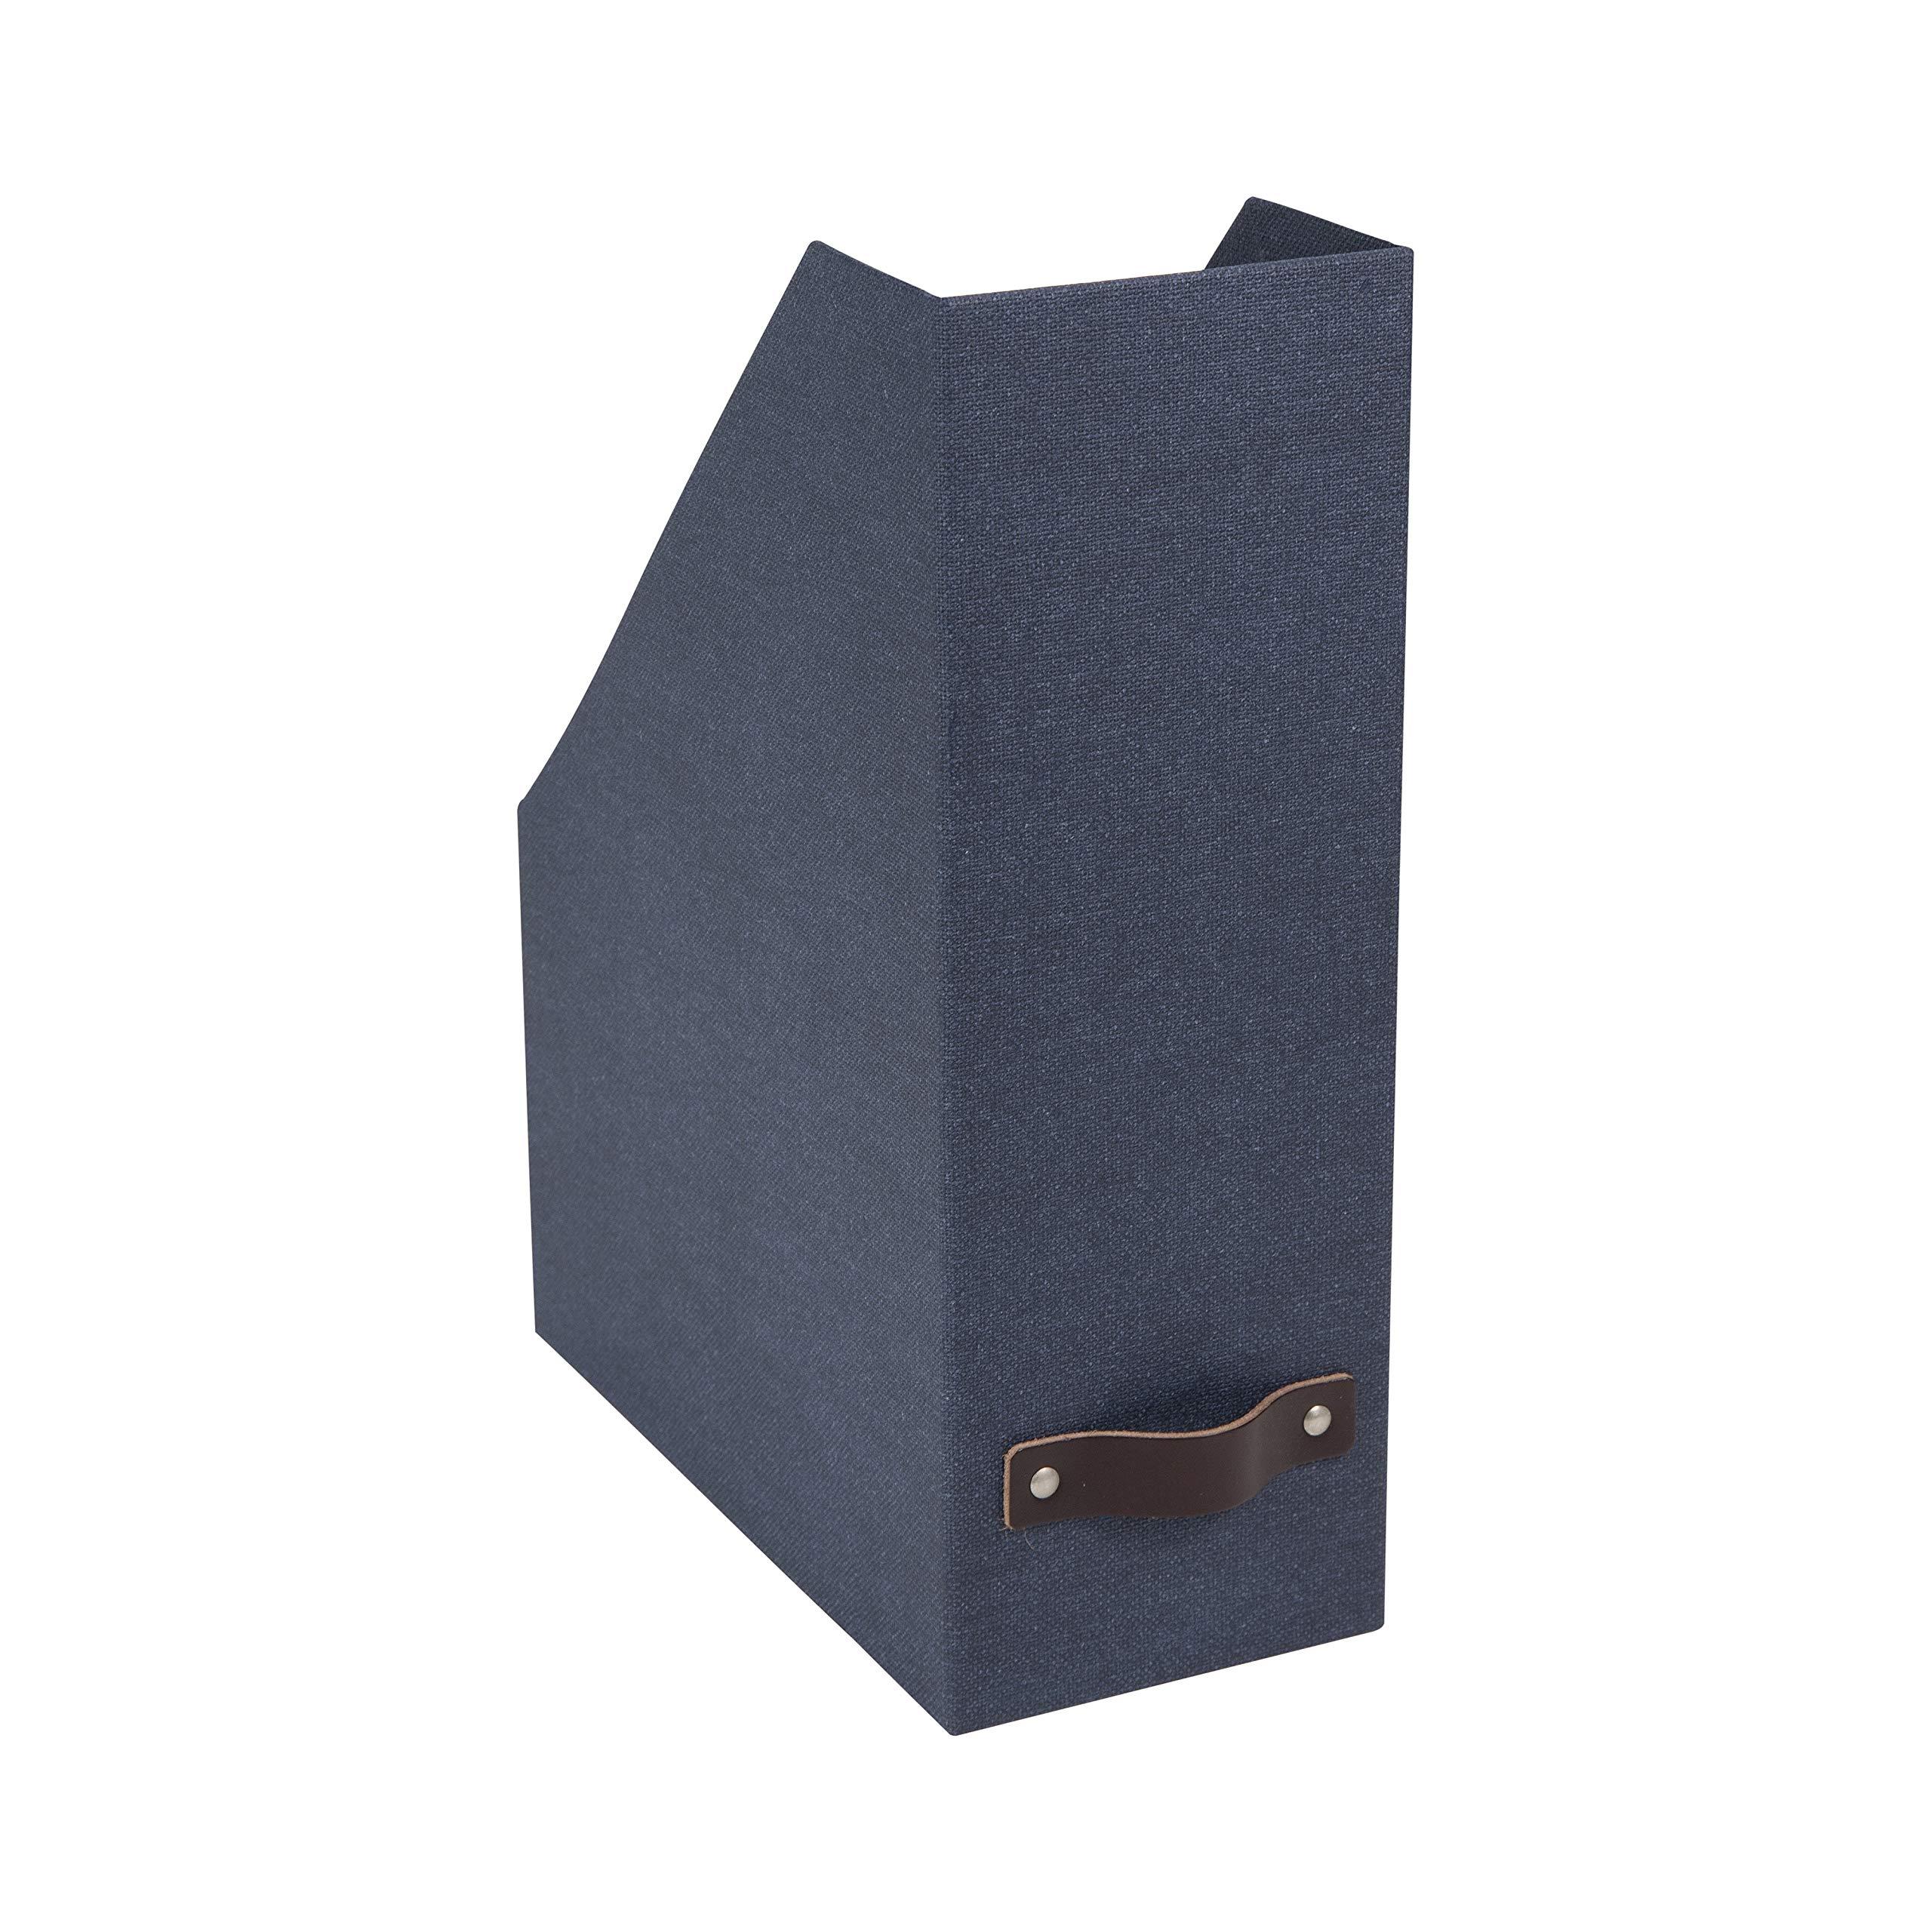 Bigso Estelle Canvas Fiberboard Upright Magazine Storage Box, 12.6 x 4.5 x 9.8 in, Blue